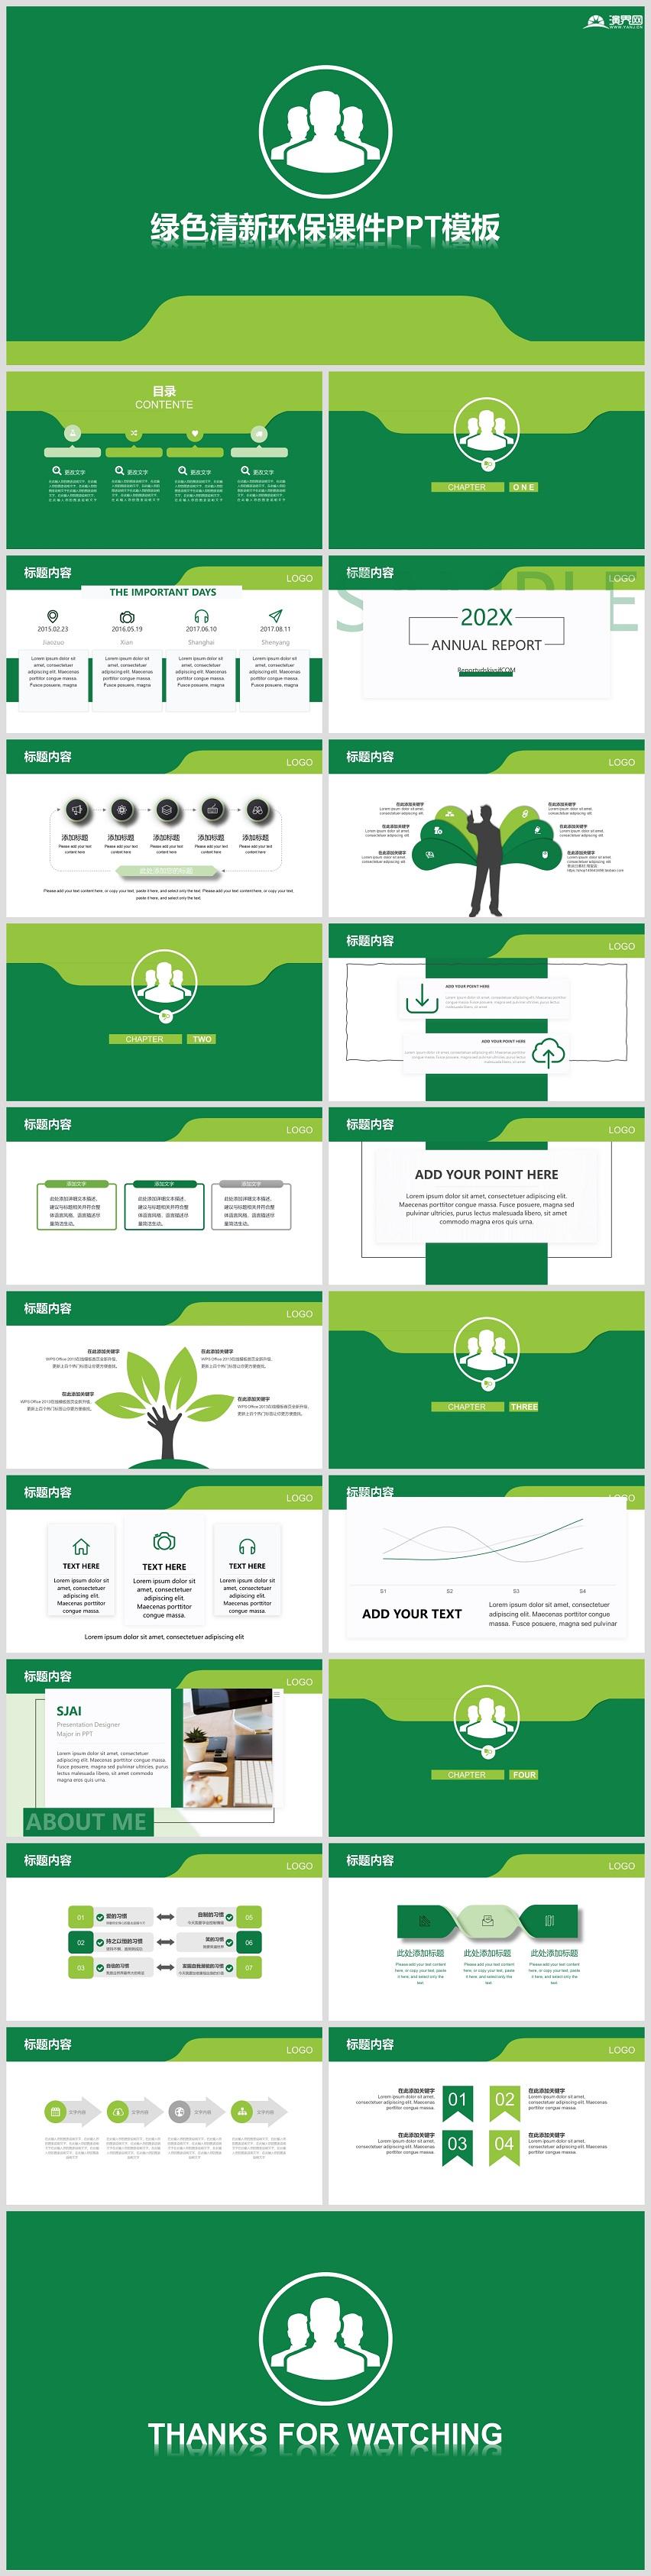 绿色环保教育宣传课件培训ppt模板